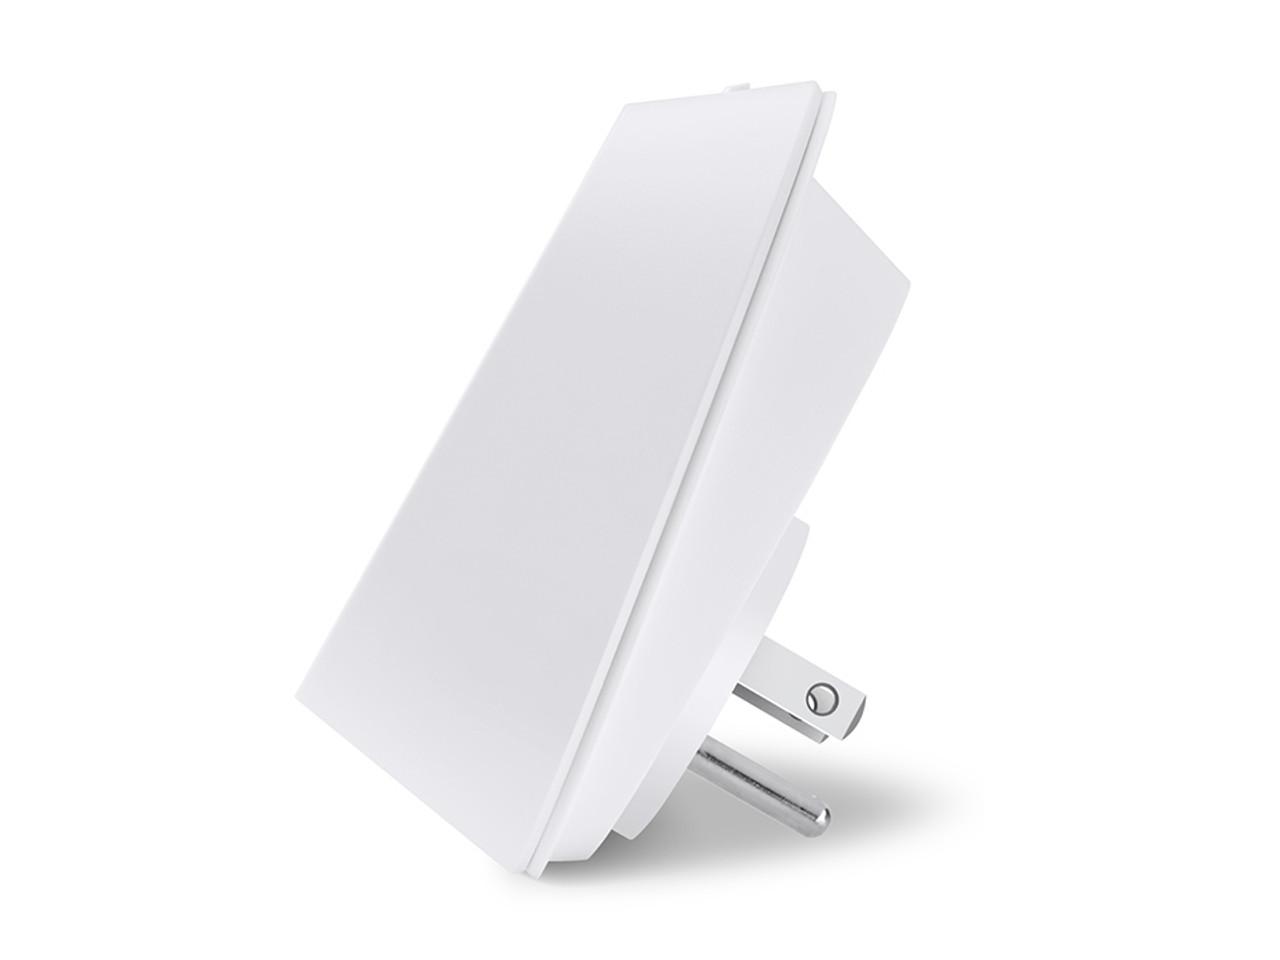 Kasa Smart WiFi Plug Kit by TP-Link - Home Automation